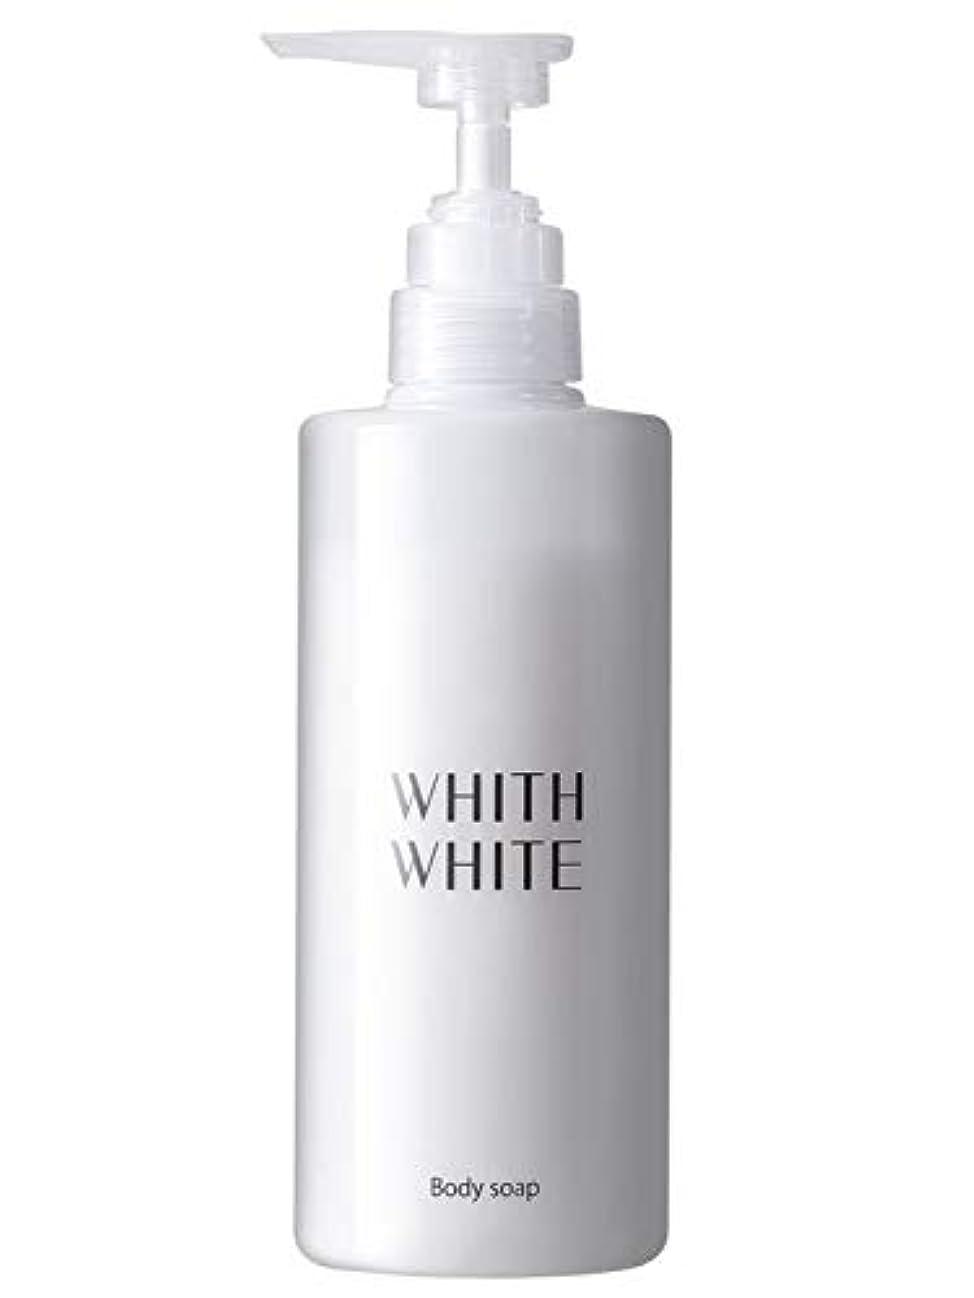 ファッション広げるシード無添加 ボディソープ フィス ホワイト 【 エレガントフローラルのいい香り 】 保湿 ボディーソープ 「 泡で黒ずみ さっぱり ボディシャンプー 」「 ヒアルロン酸 コラーゲン セラミド 配合」450ml